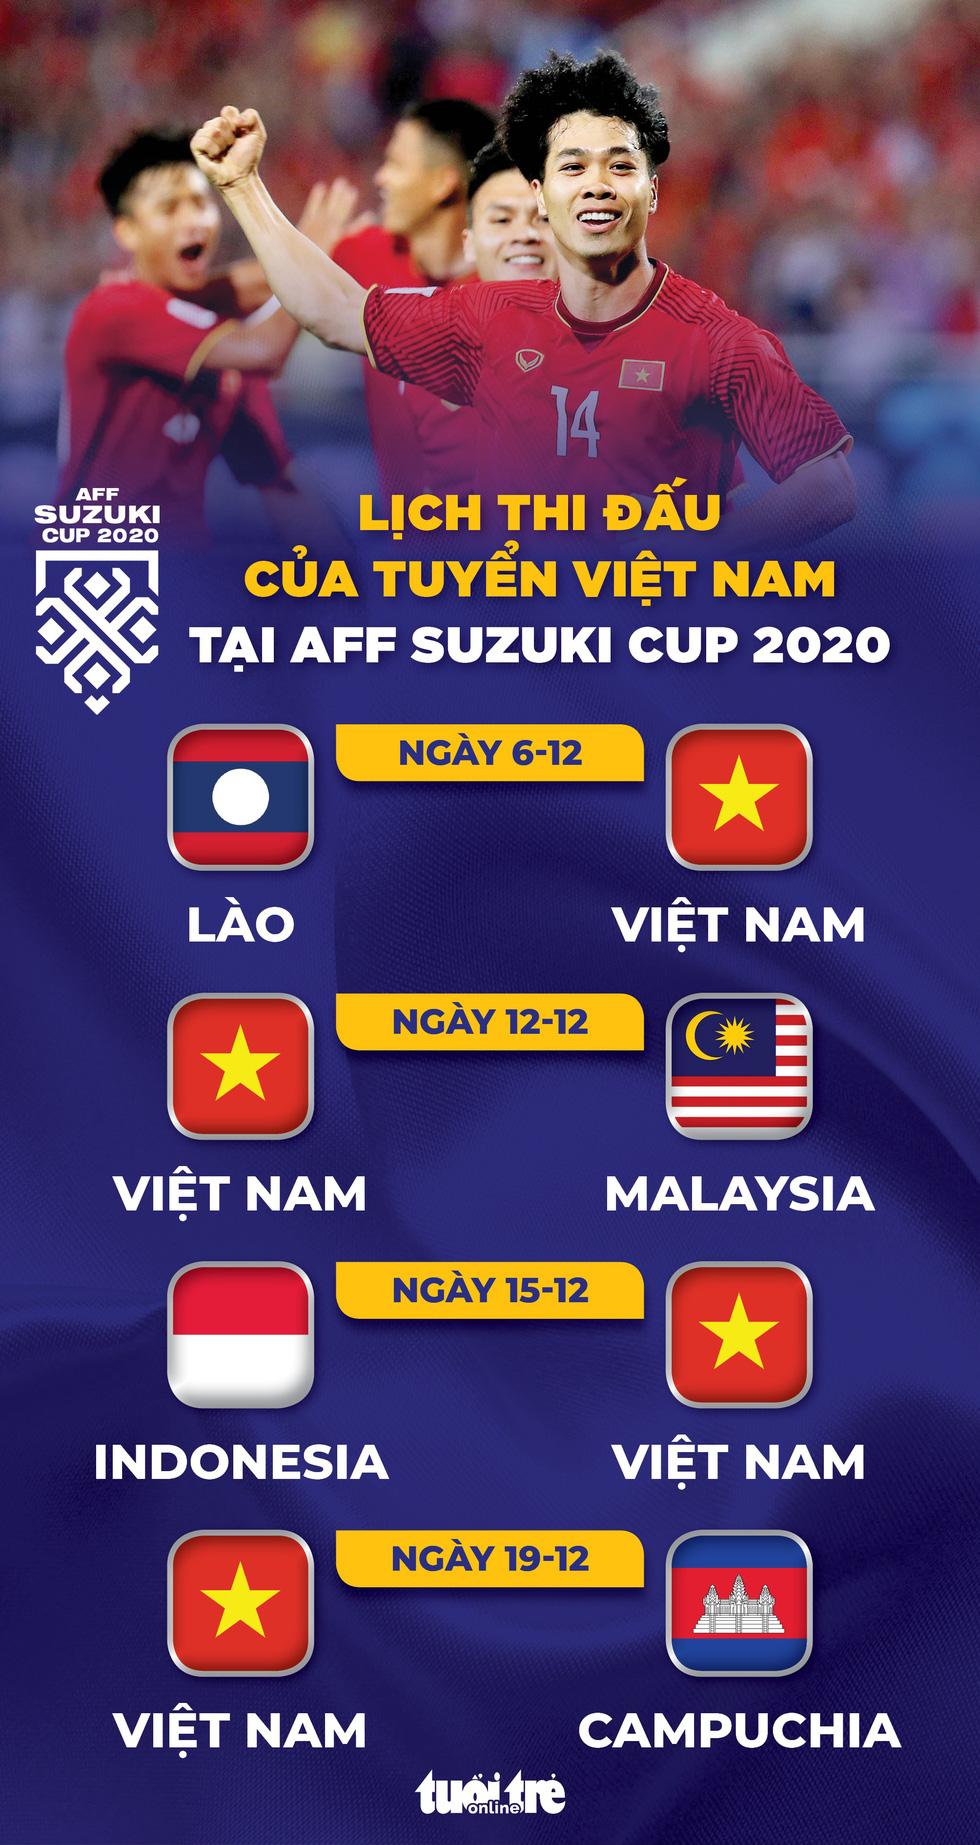 Lịch thi đấu của tuyển Việt Nam tại AFF Cup 2020 - Ảnh 1.